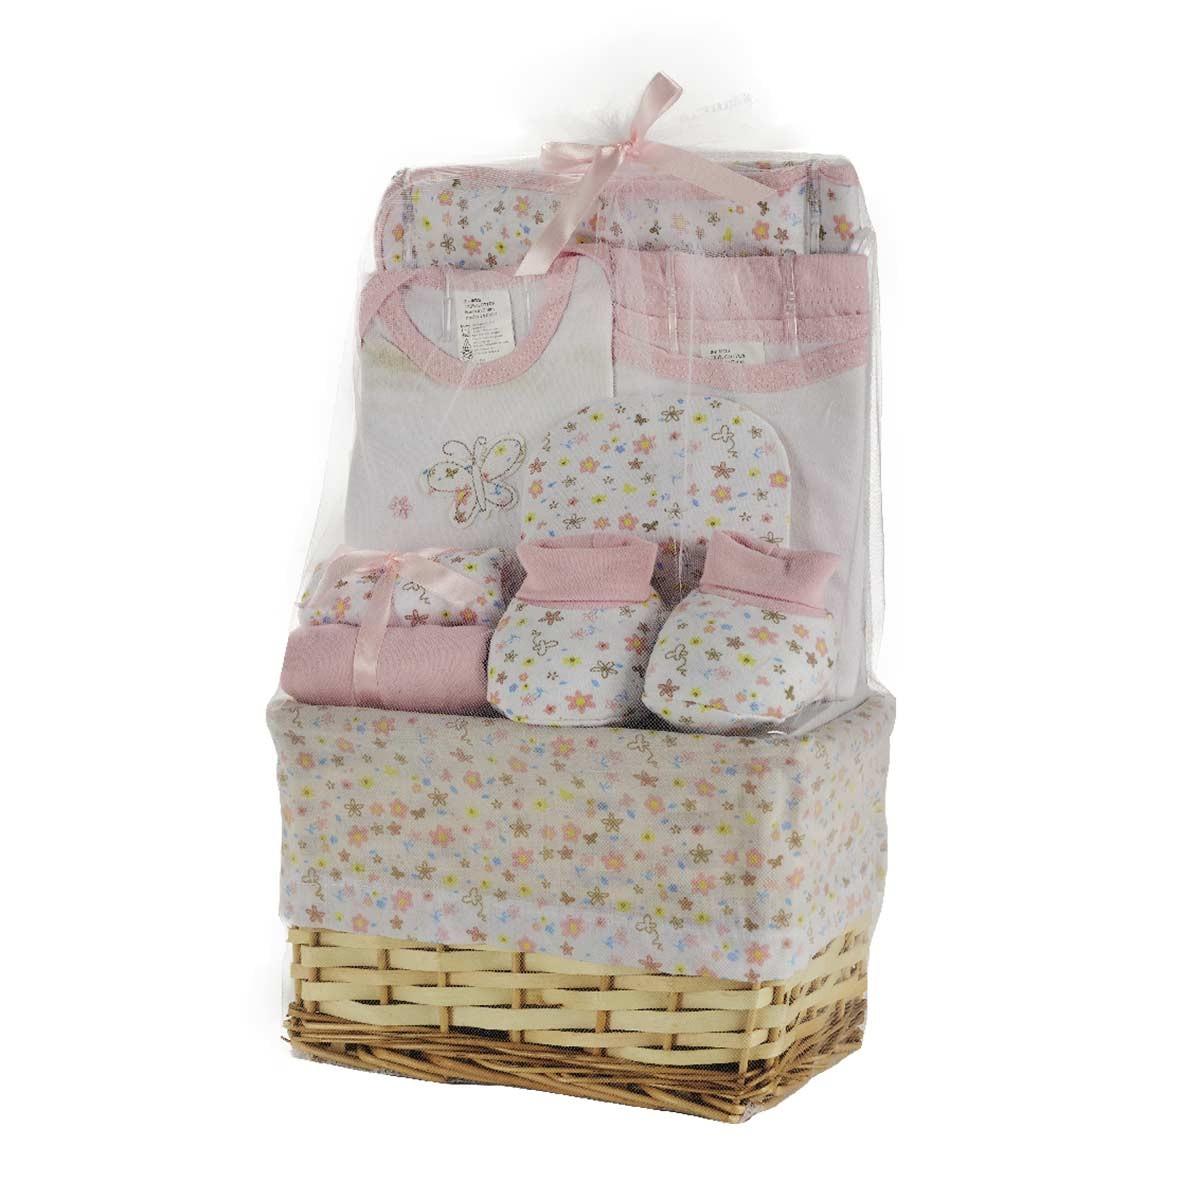 Βρεφικά Ρουχαλάκια (Σετ 10τμχ) White Egg Καλάθι Ροζ